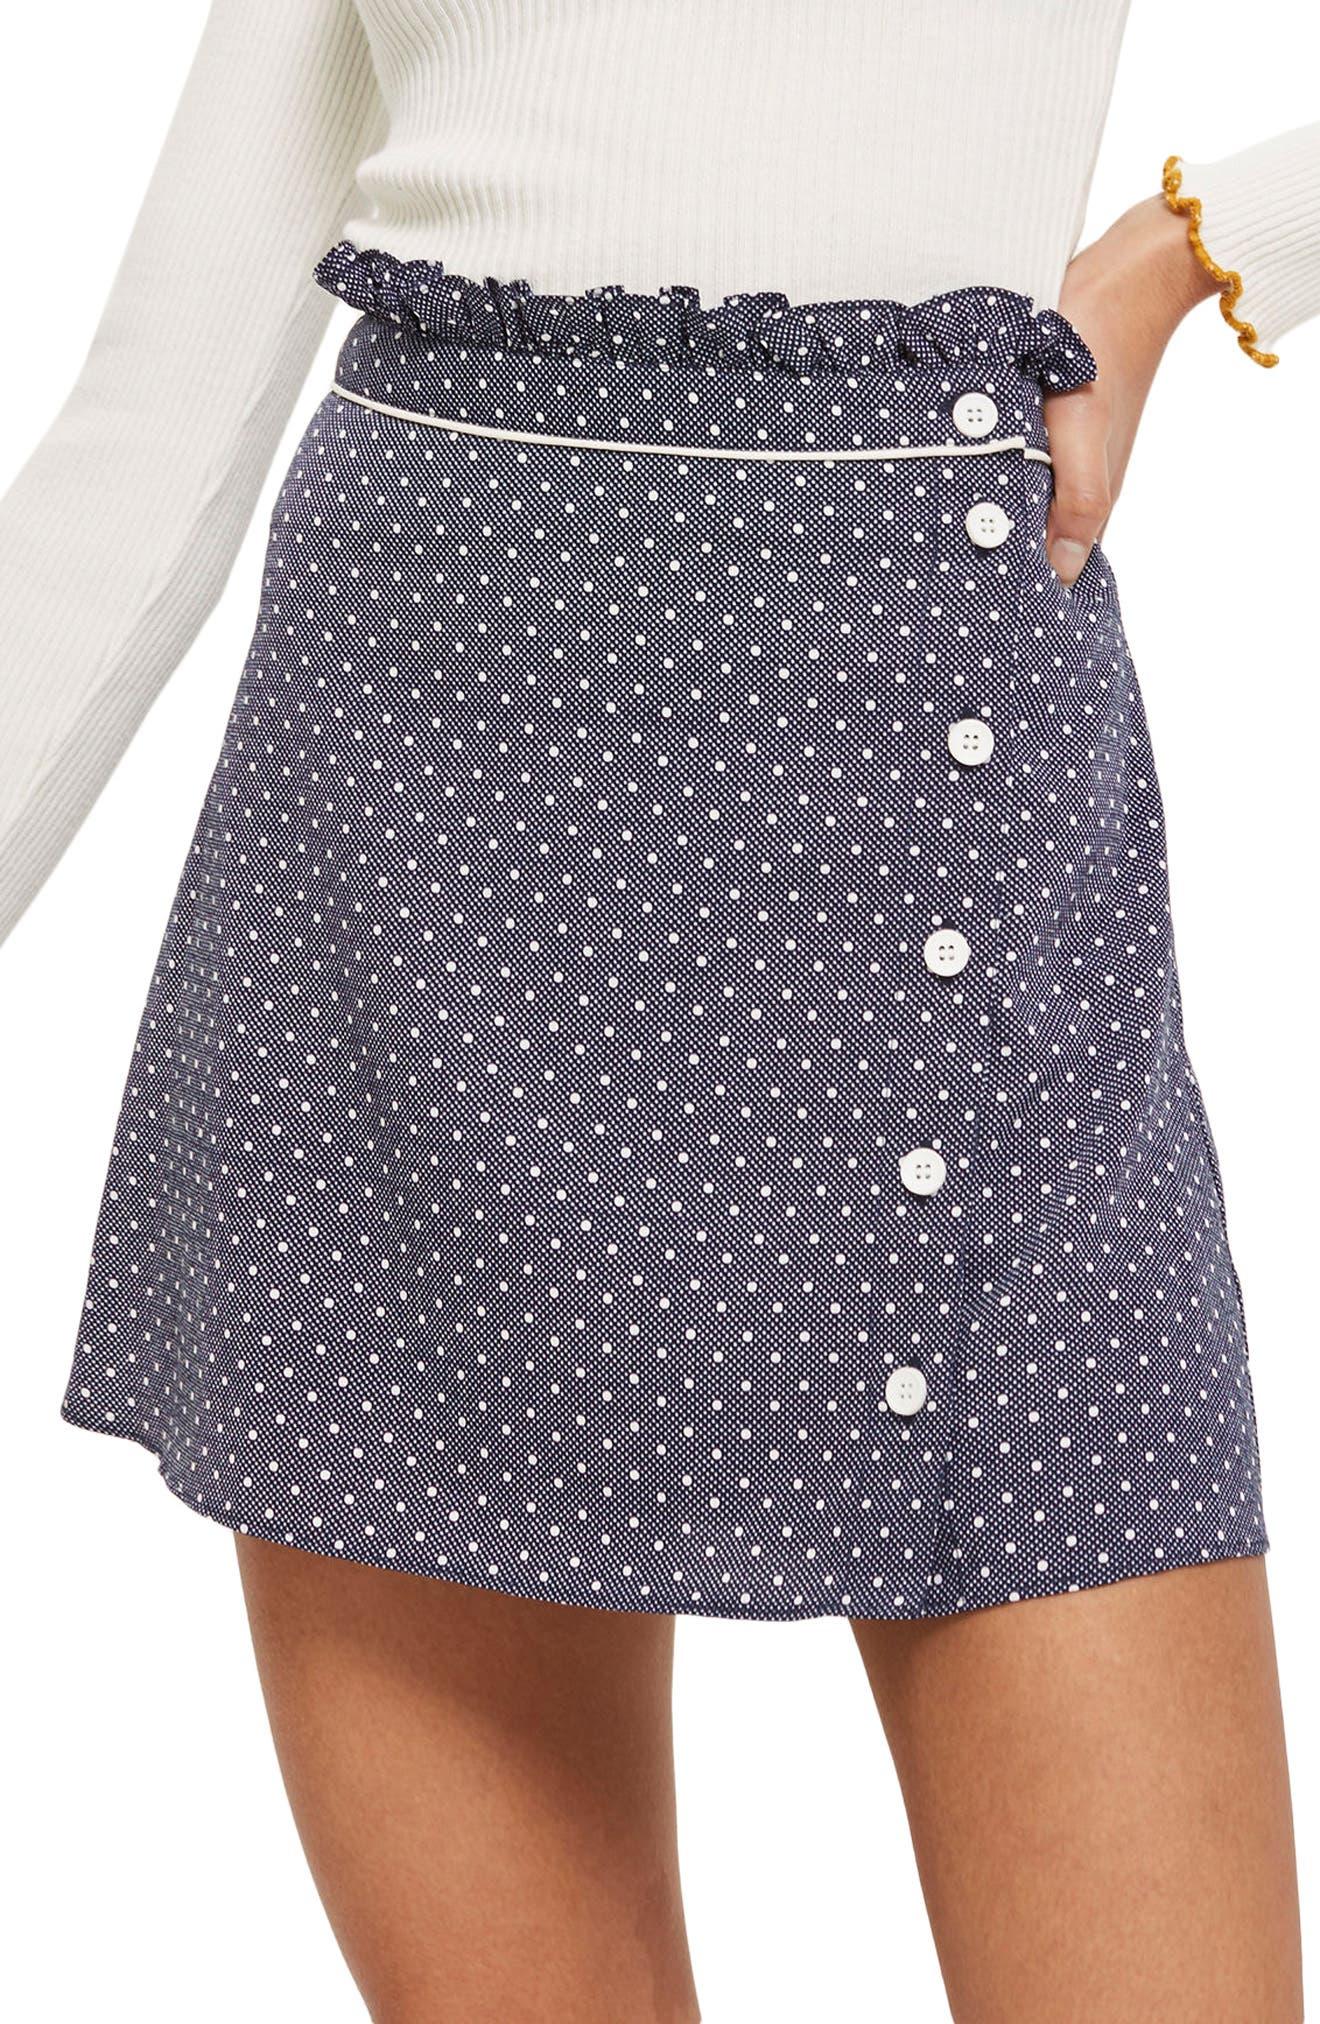 Topshop Spot Ruffle Miniskirt